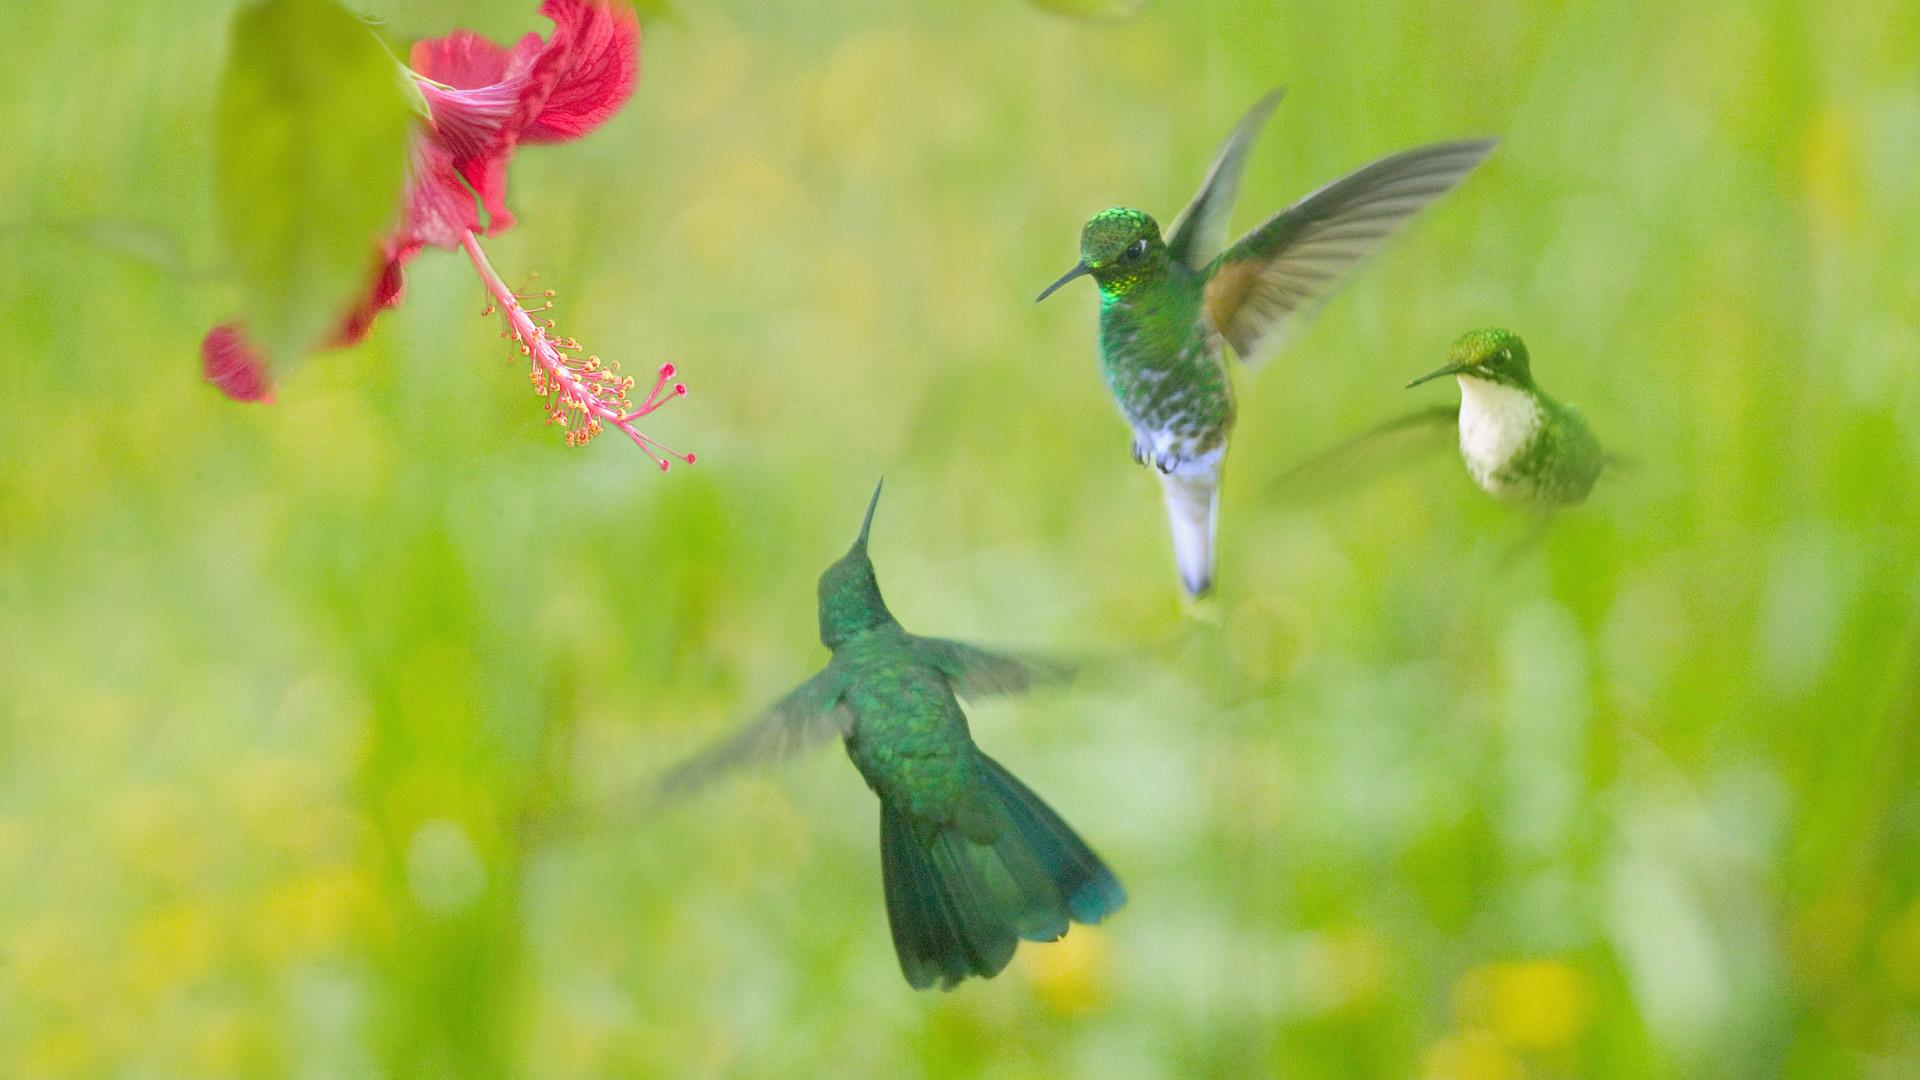 природа животные птицы цветы в хорошем качестве